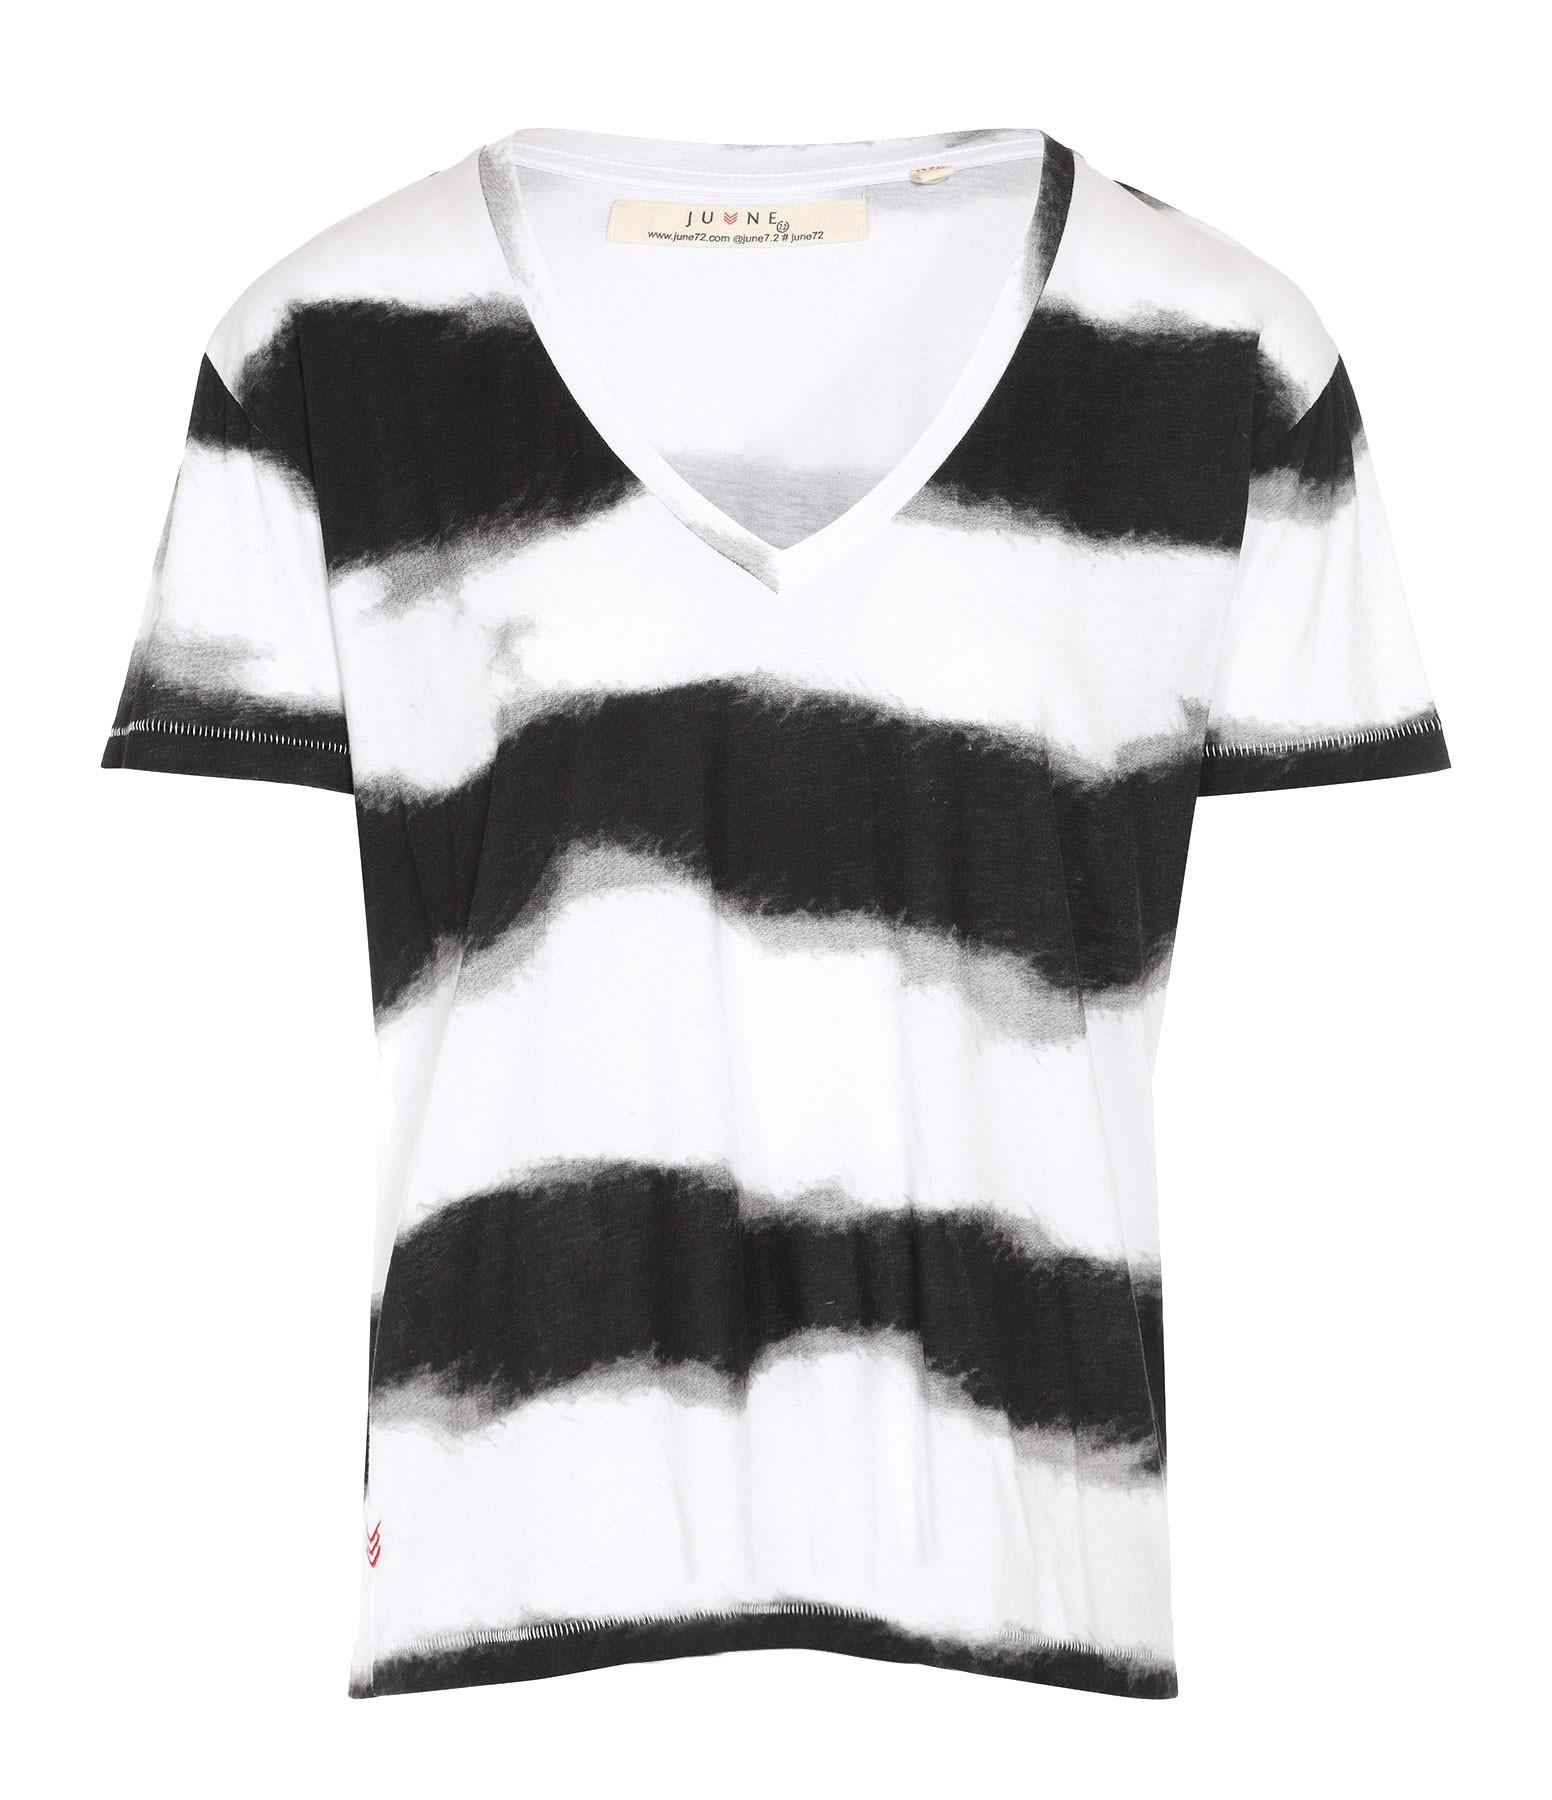 JUNE 7.2 - Tee-shirt Nolan Rayures Blanc Noir